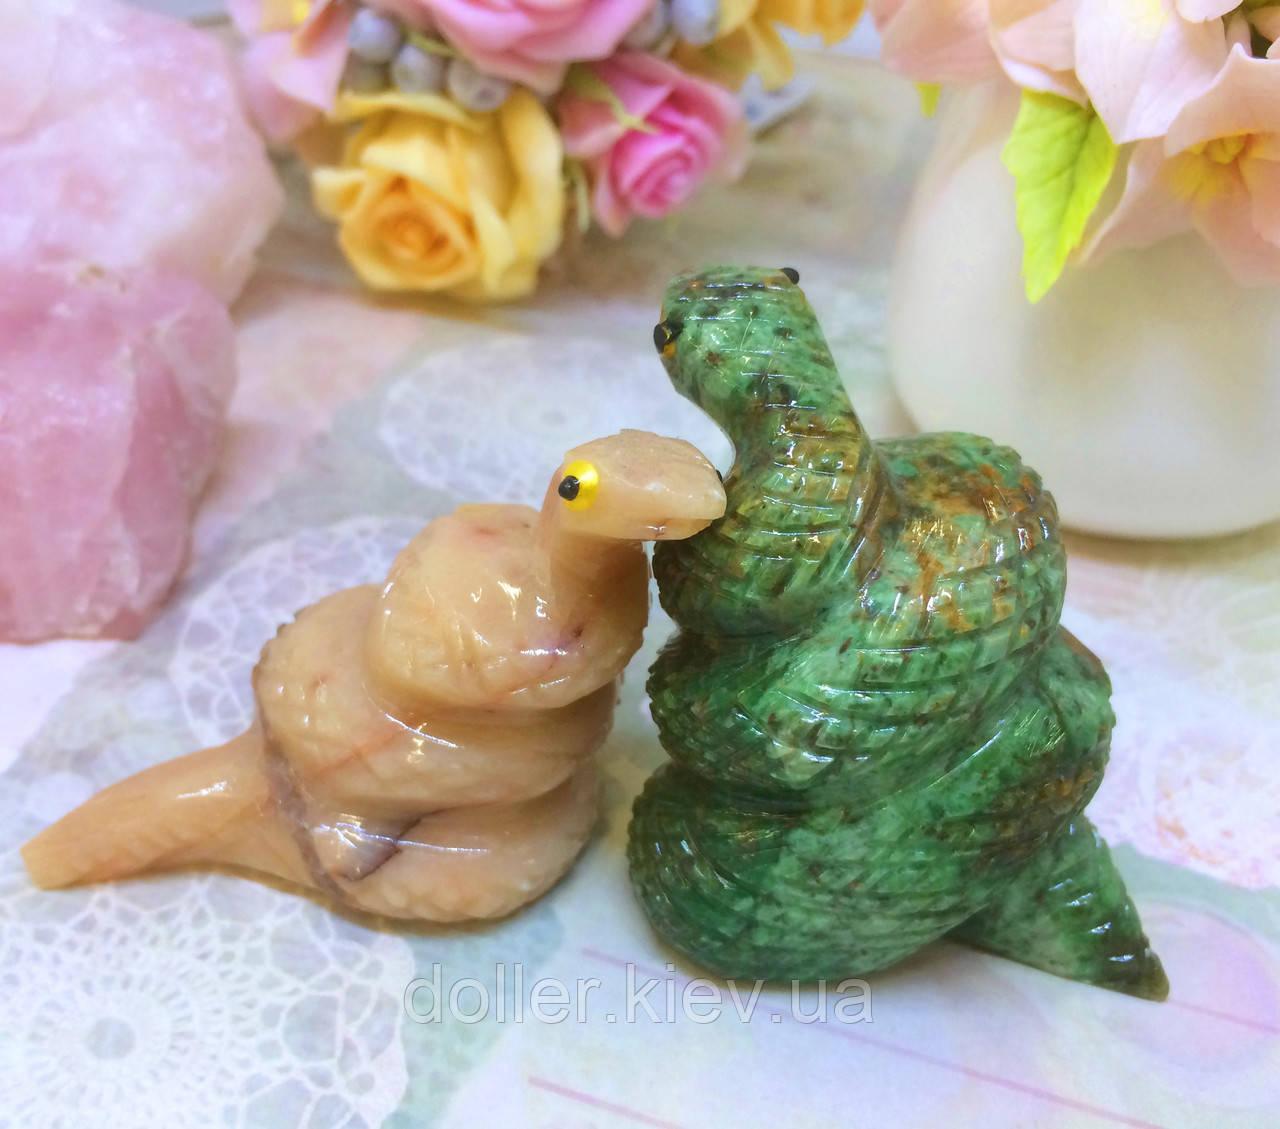 Статуэтки из натурального камня   влюблённые змейки   статуэтка змея